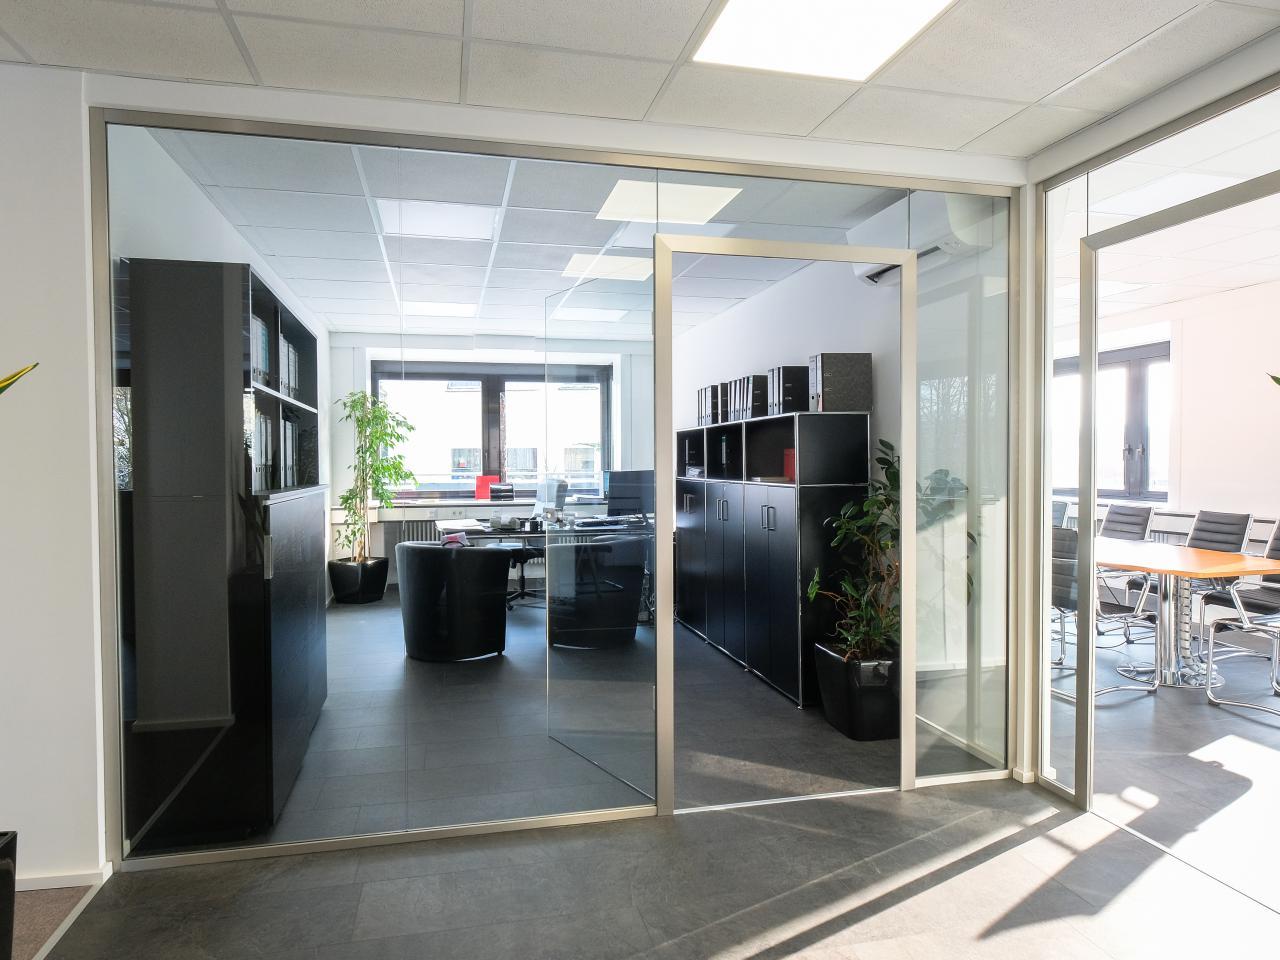 Raumteiler Aus Glas glas-trennwand nach maß für büro und praxis | glasprofi24